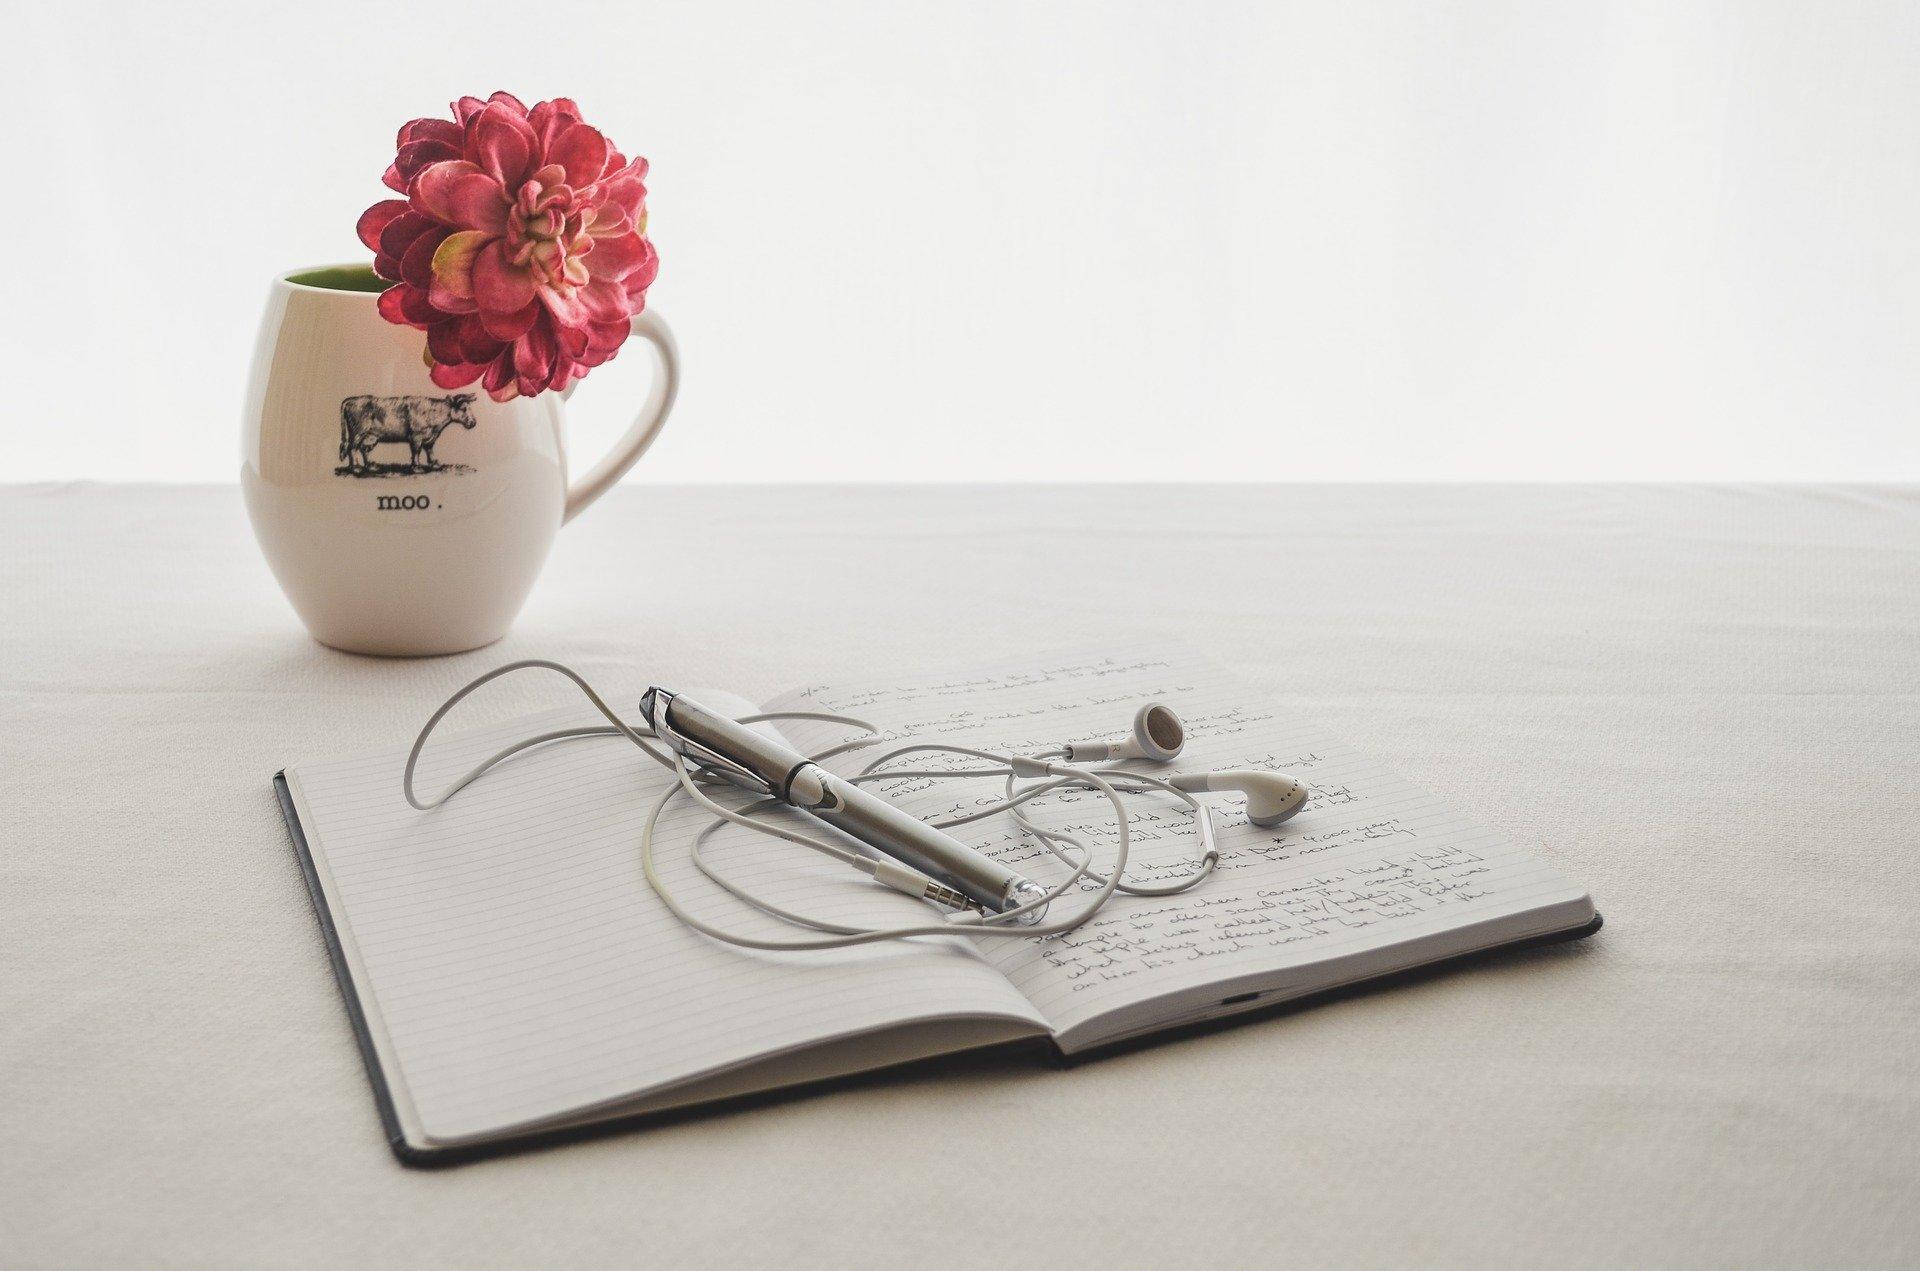 Escribir te ayudará a desahogarte y a dar sentido a lo que está ocurriendo.